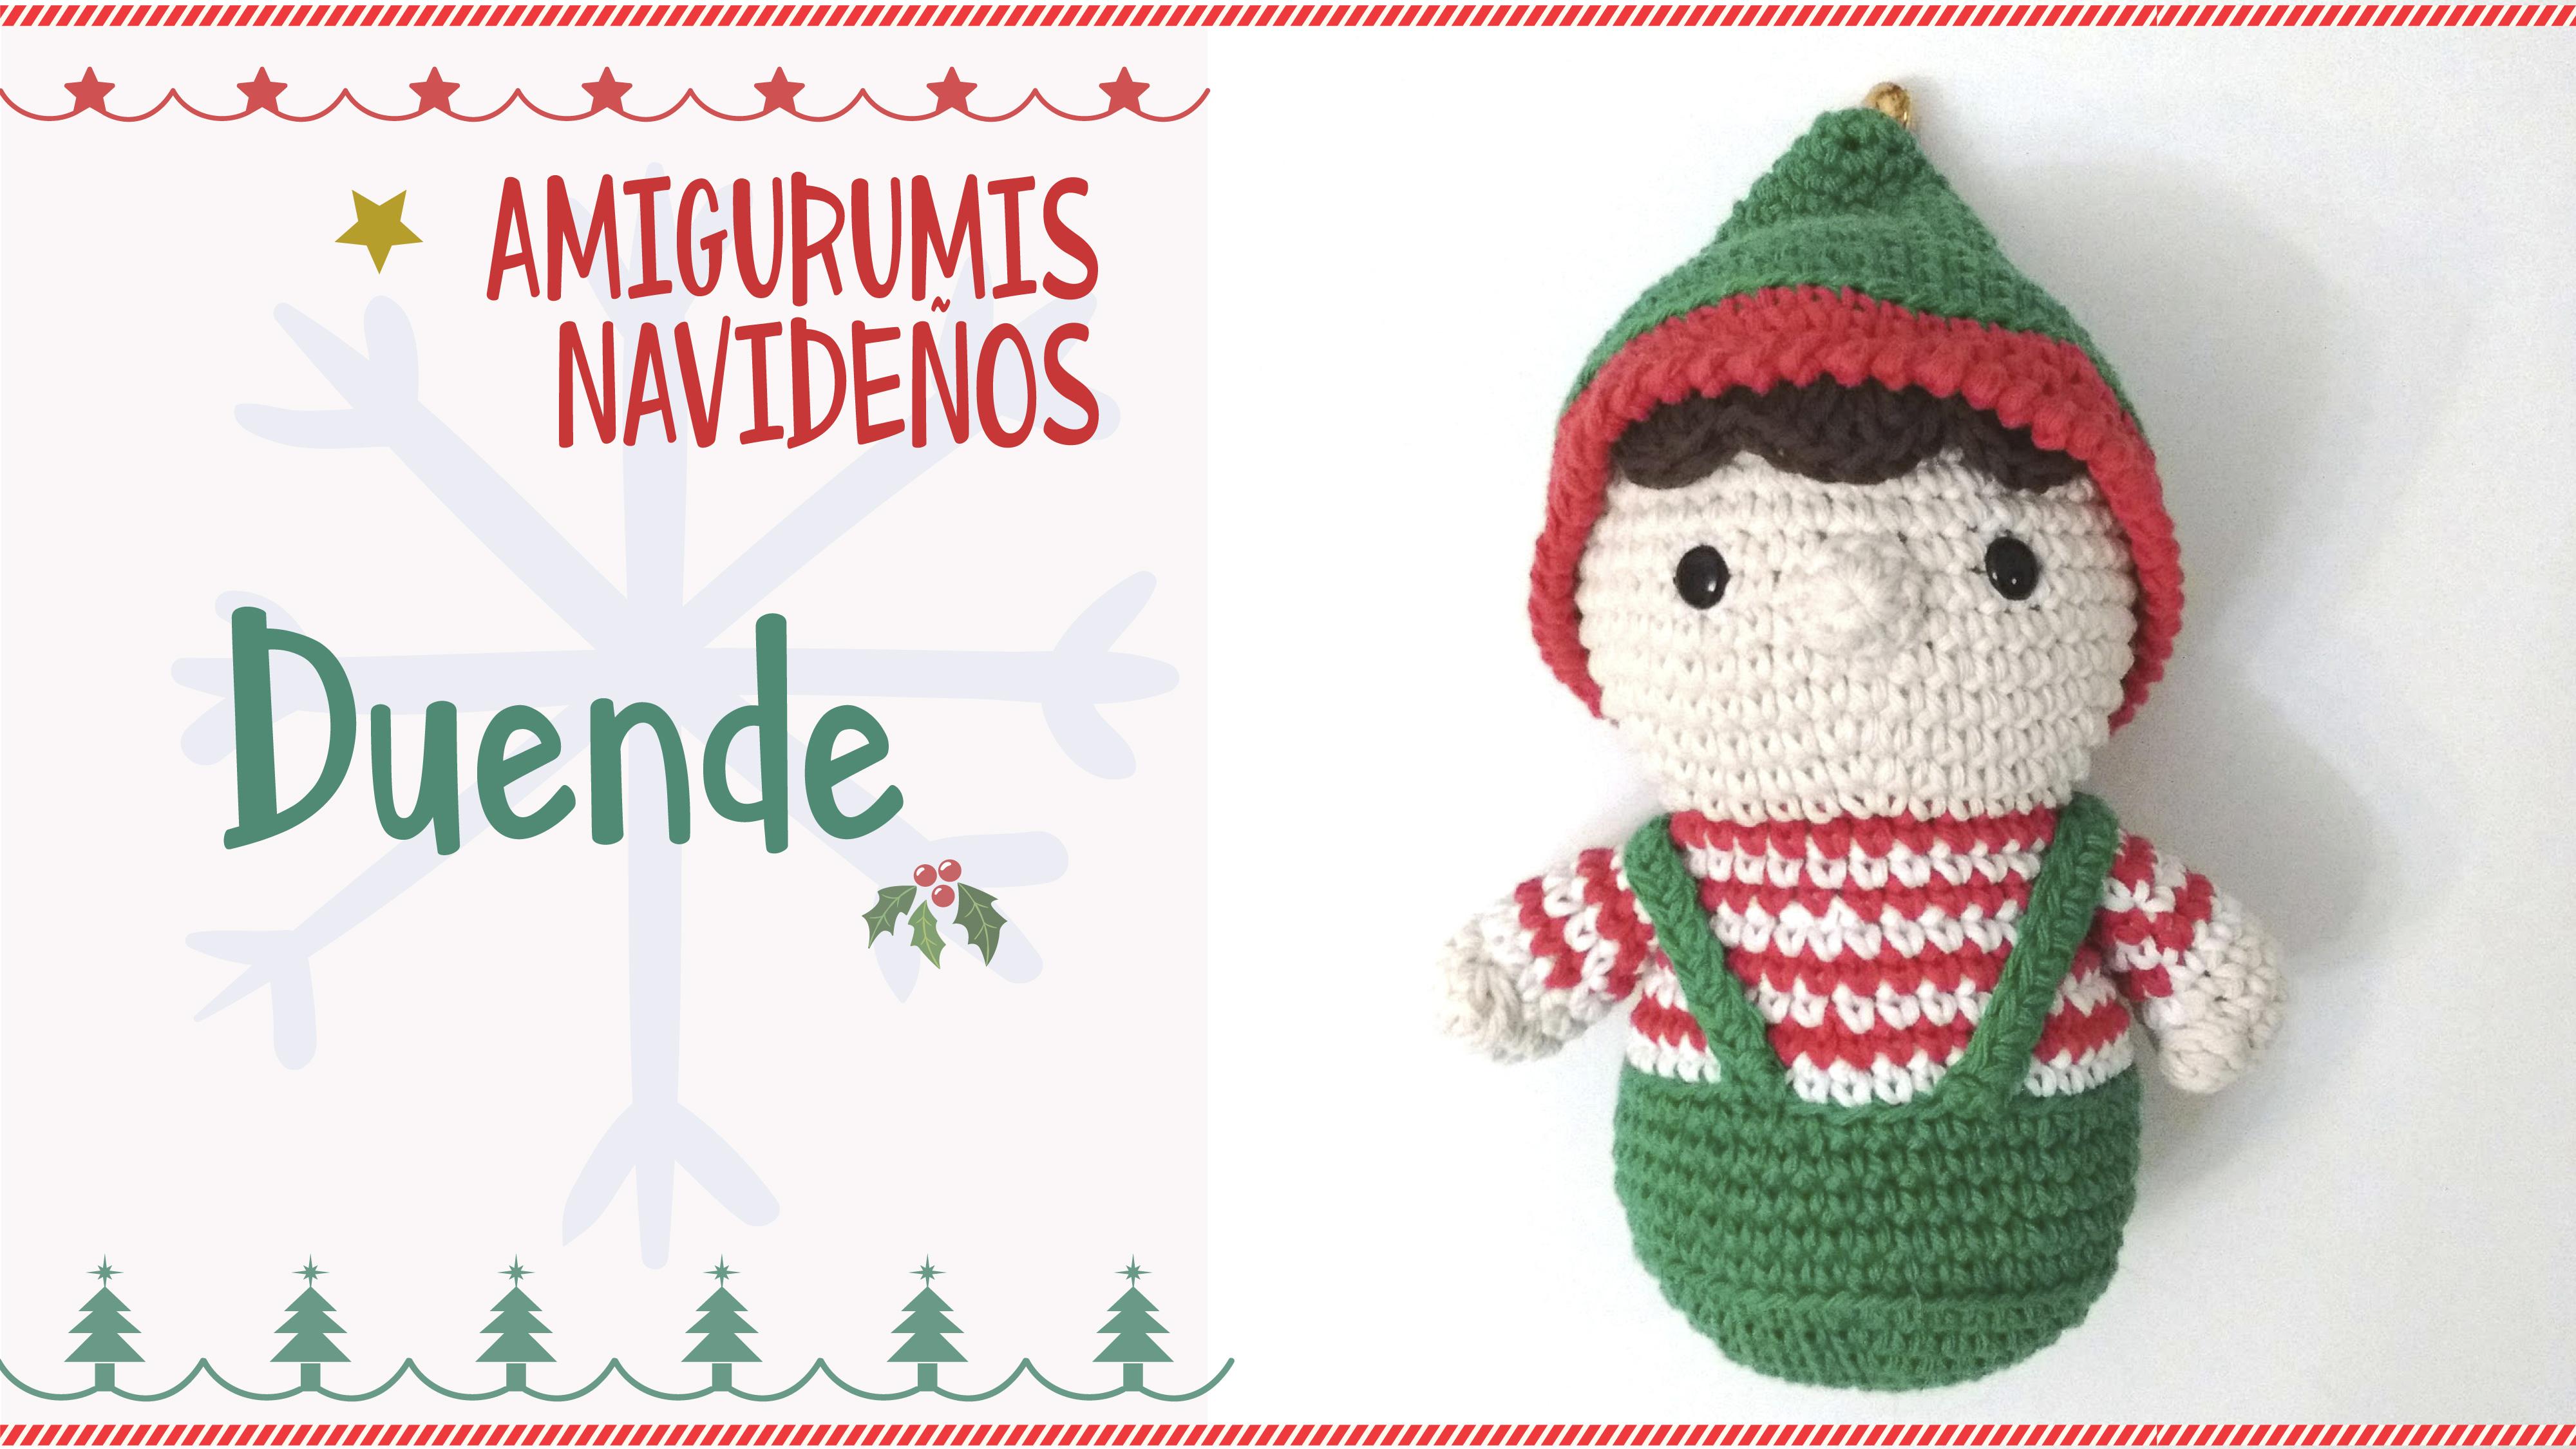 Seminario Amigurumis Navideños | Escuela de Crochet Cora King